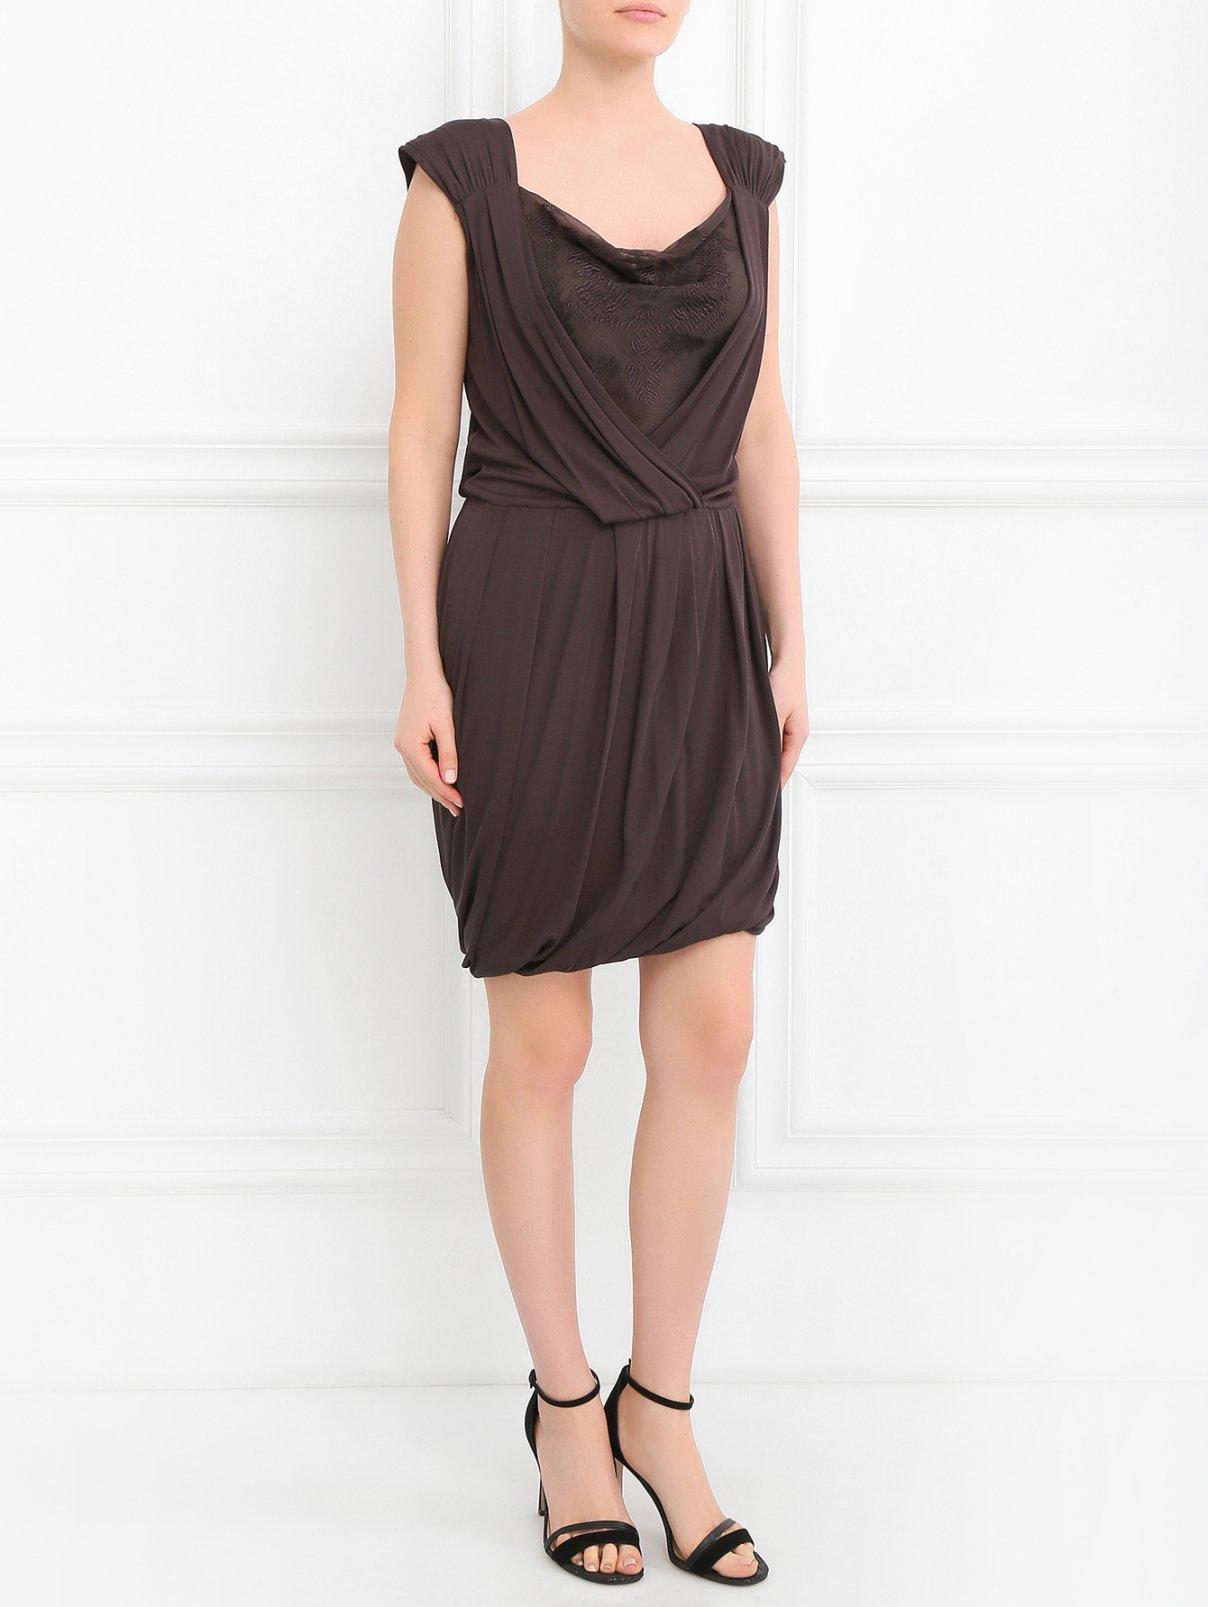 Платье из шерсти и шелка ICEBERG  –  Модель Общий вид  – Цвет:  Синий